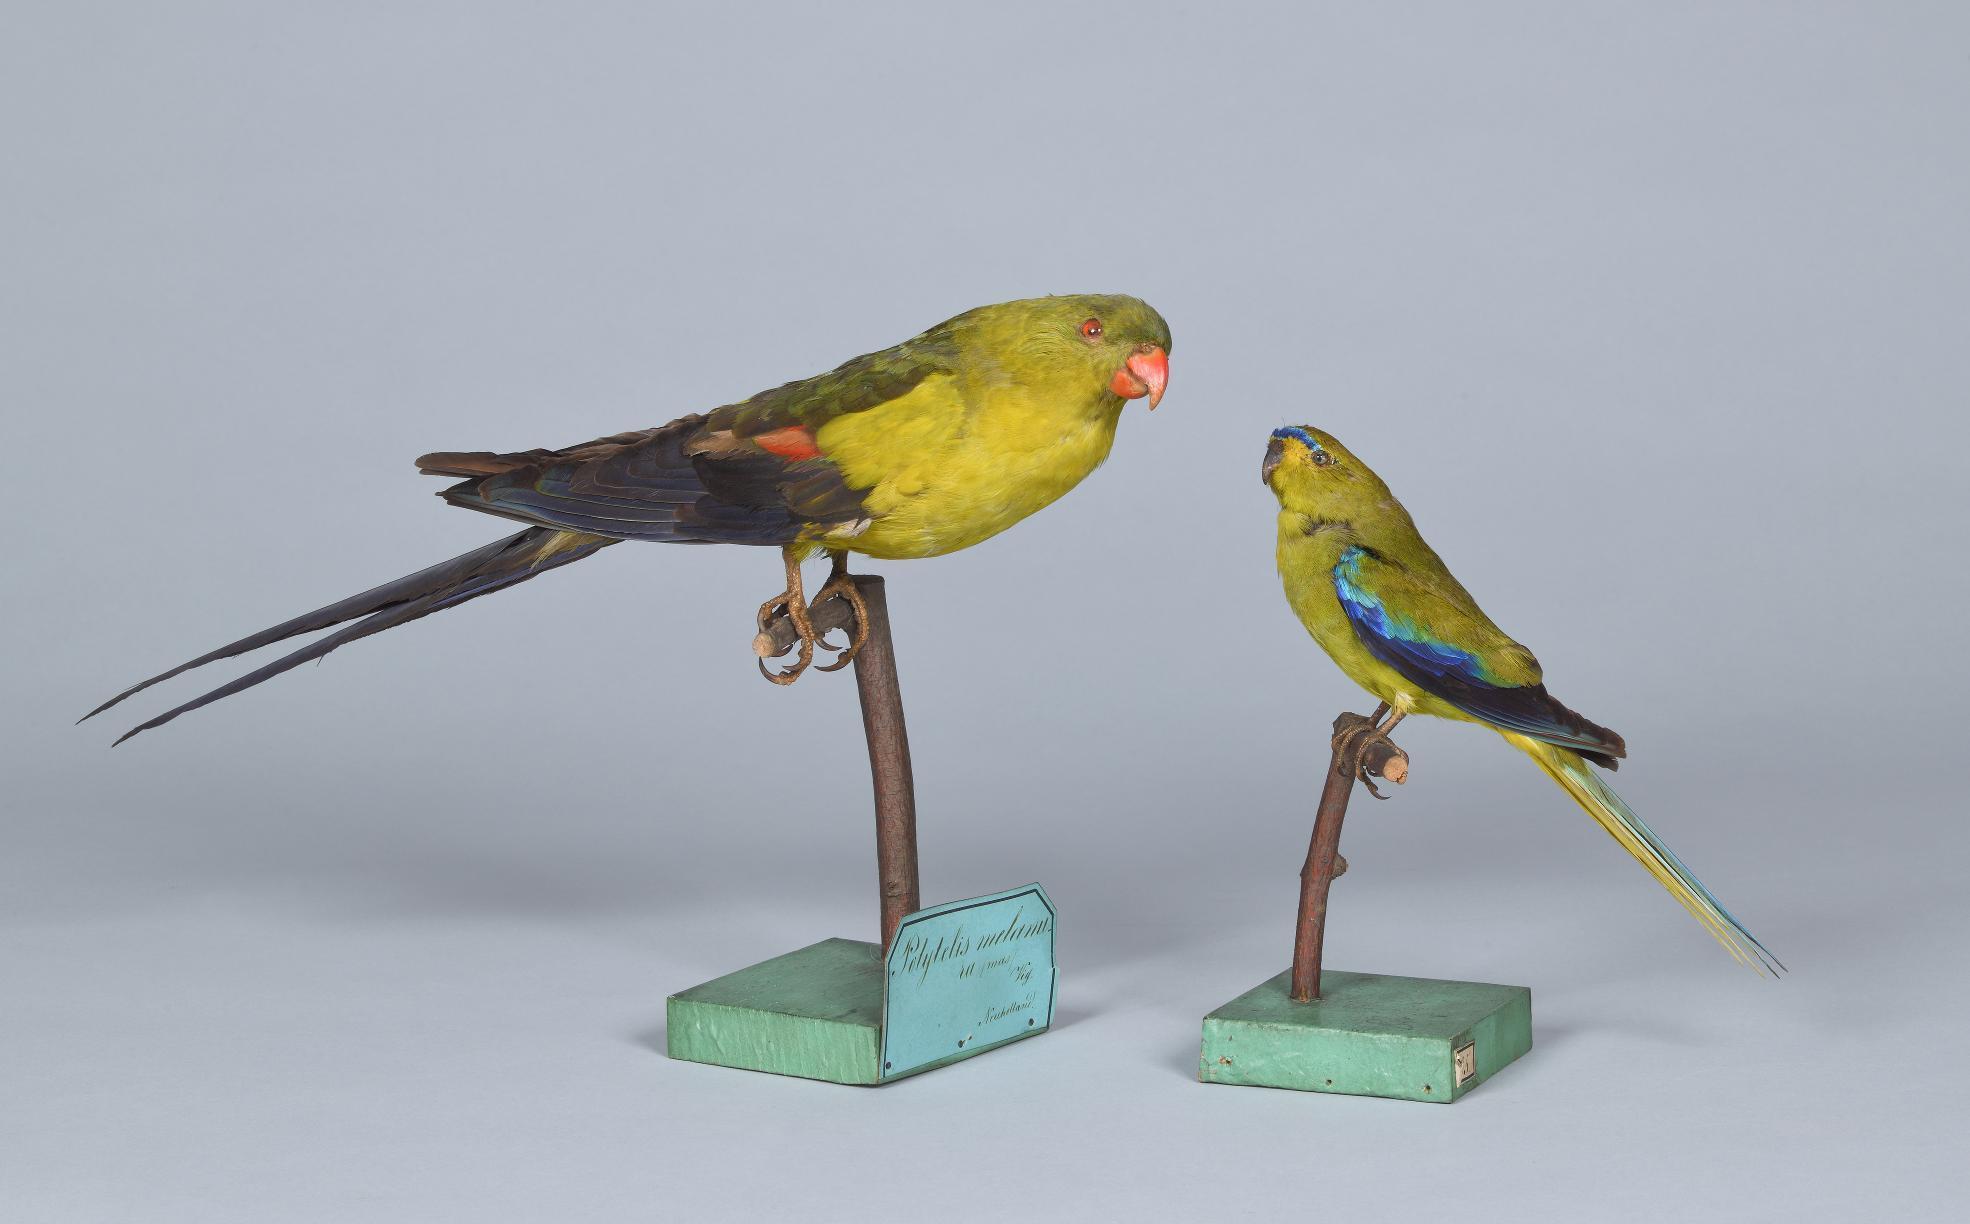 Vogelpräparate (9157, 9208) aus der Sammlung von Missionar Teichelmann in Adelaide (Australien) von 1843